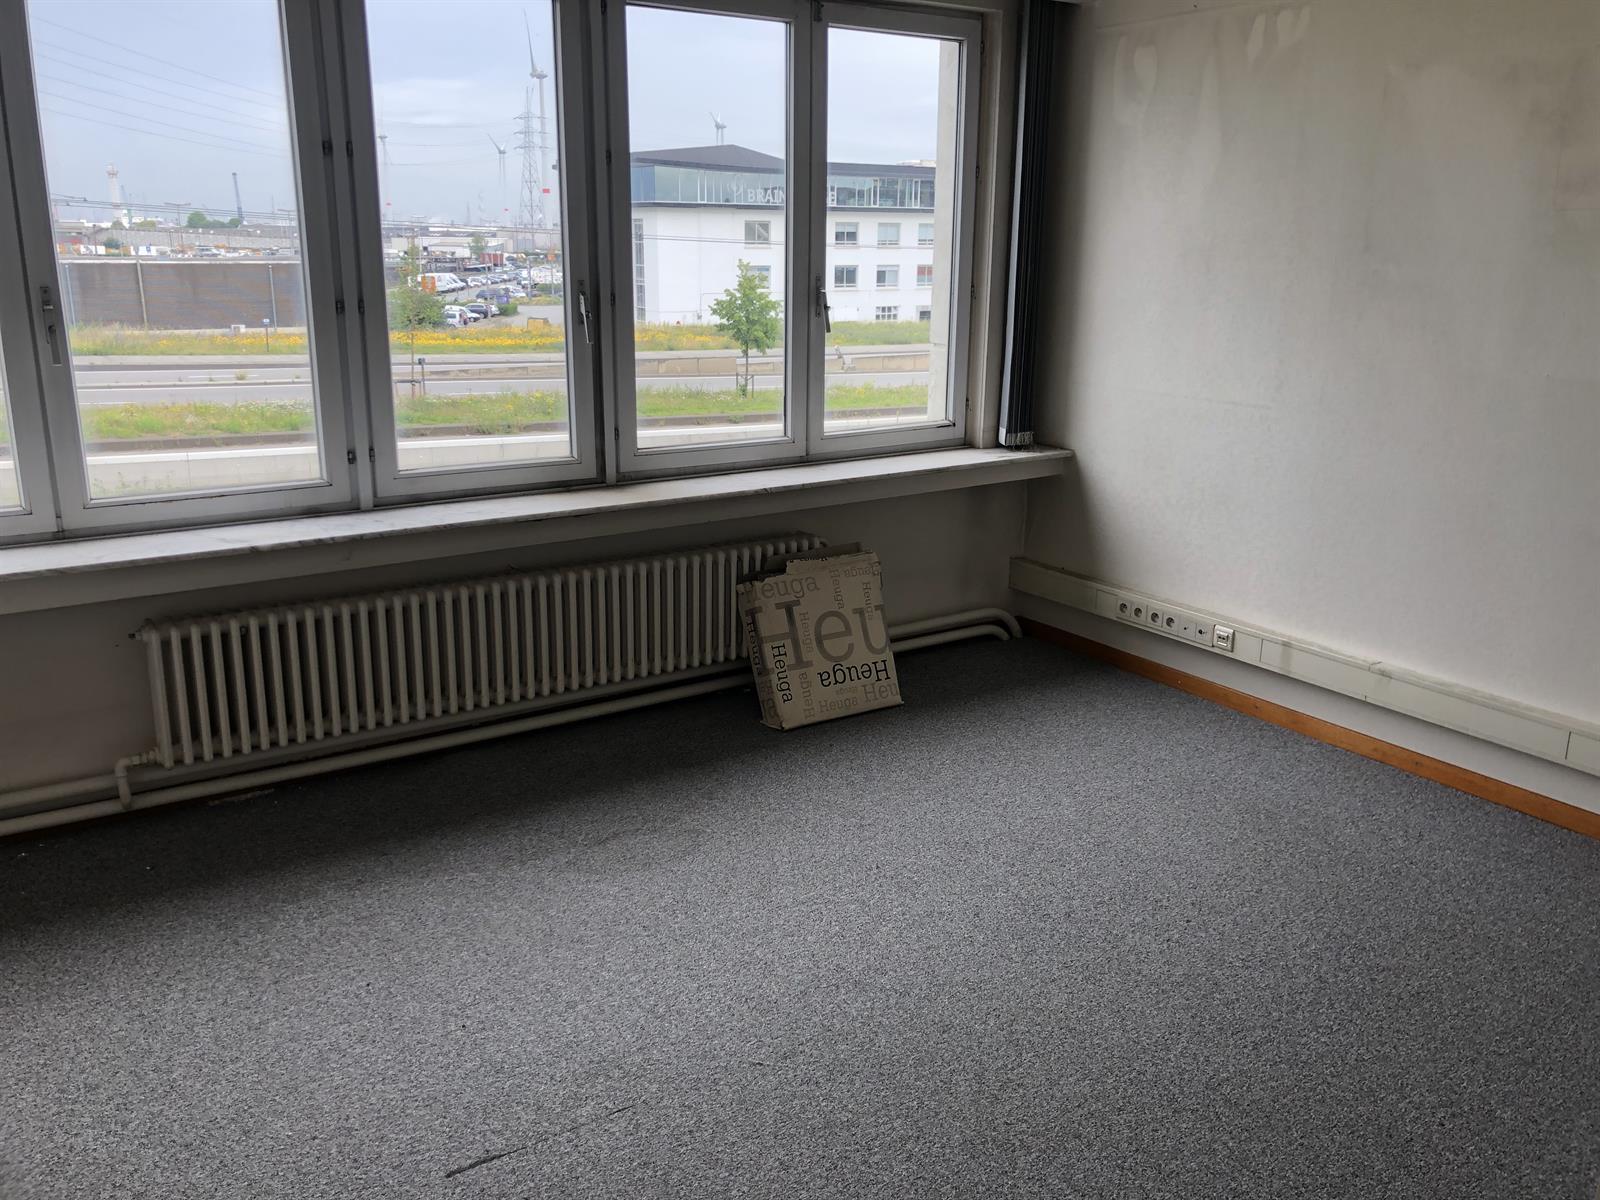 kantoor te huur K002 - Noorderlaan 74, 2000 Antwerpen, België 2